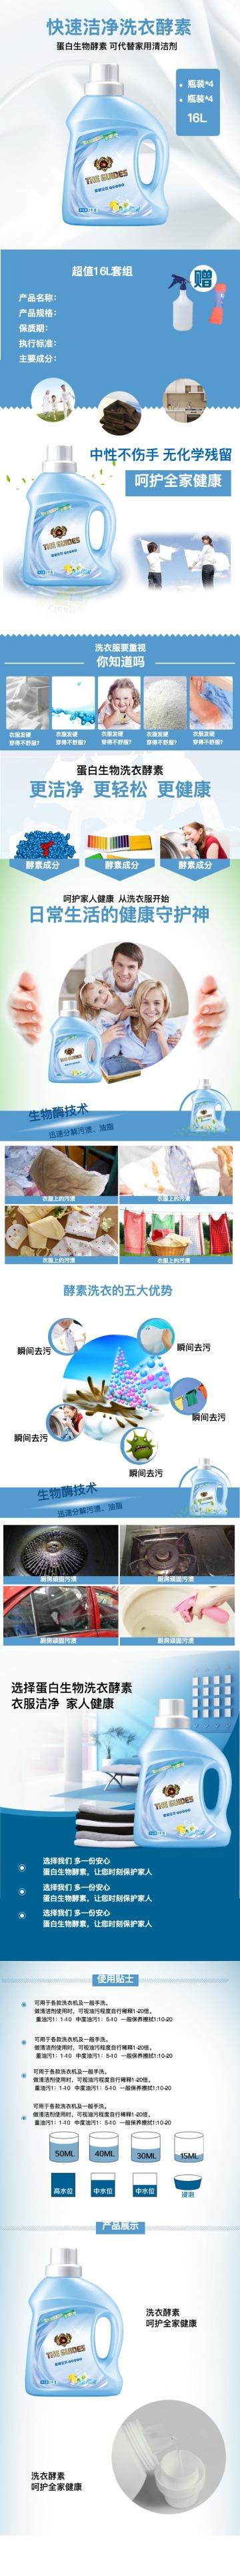 洁净清新洗衣液酵素电商详情图